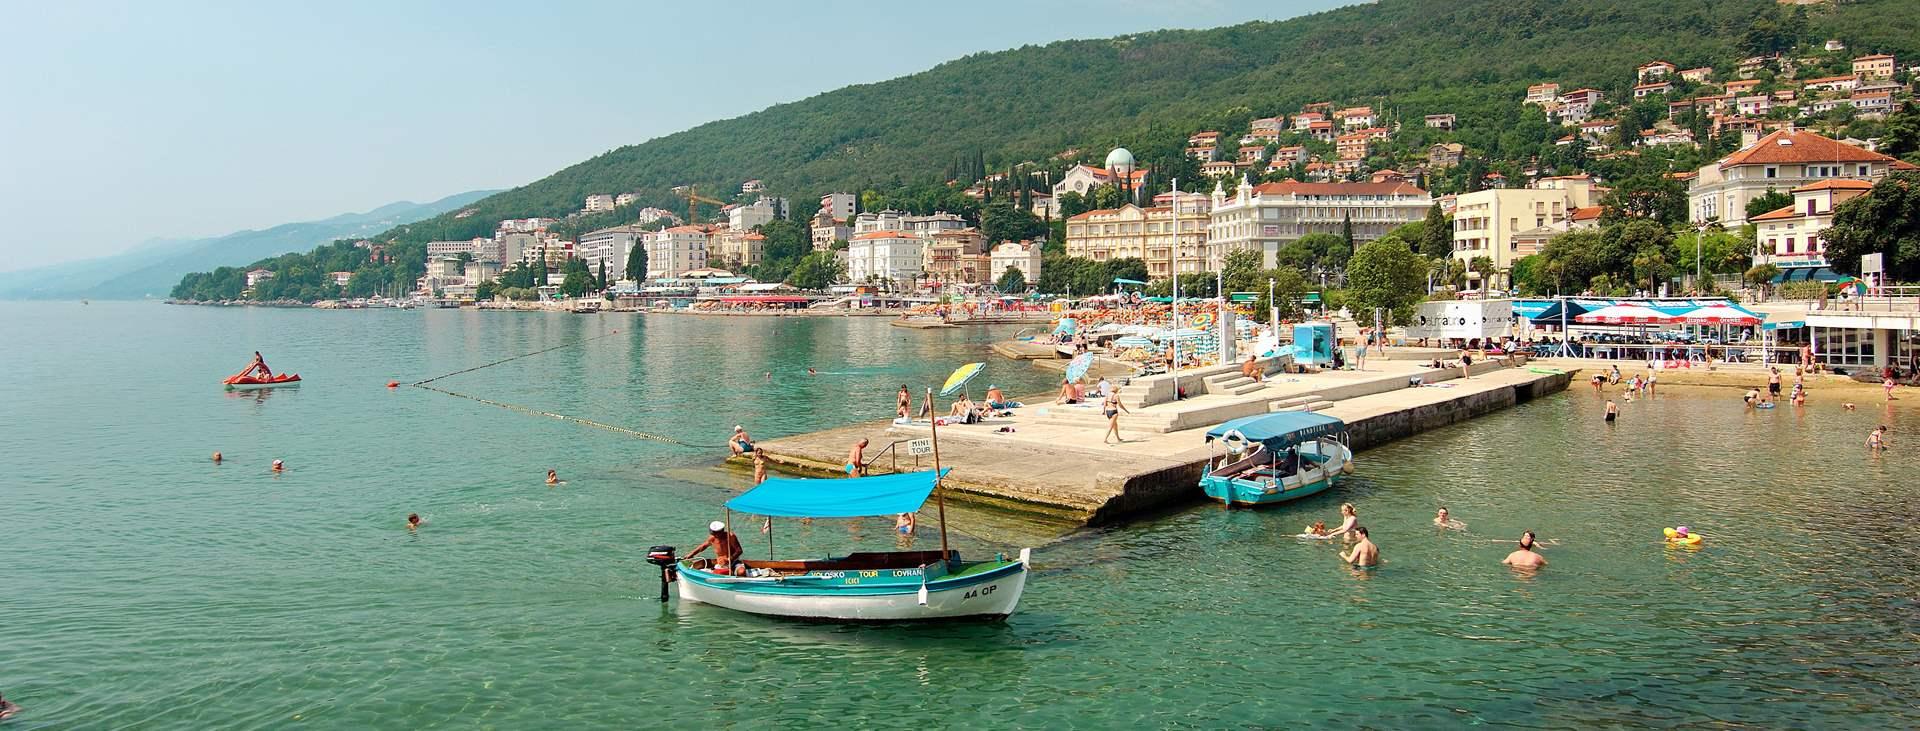 Matkoja myös Opatijaan, Istrian alueelle, Kroatiaan